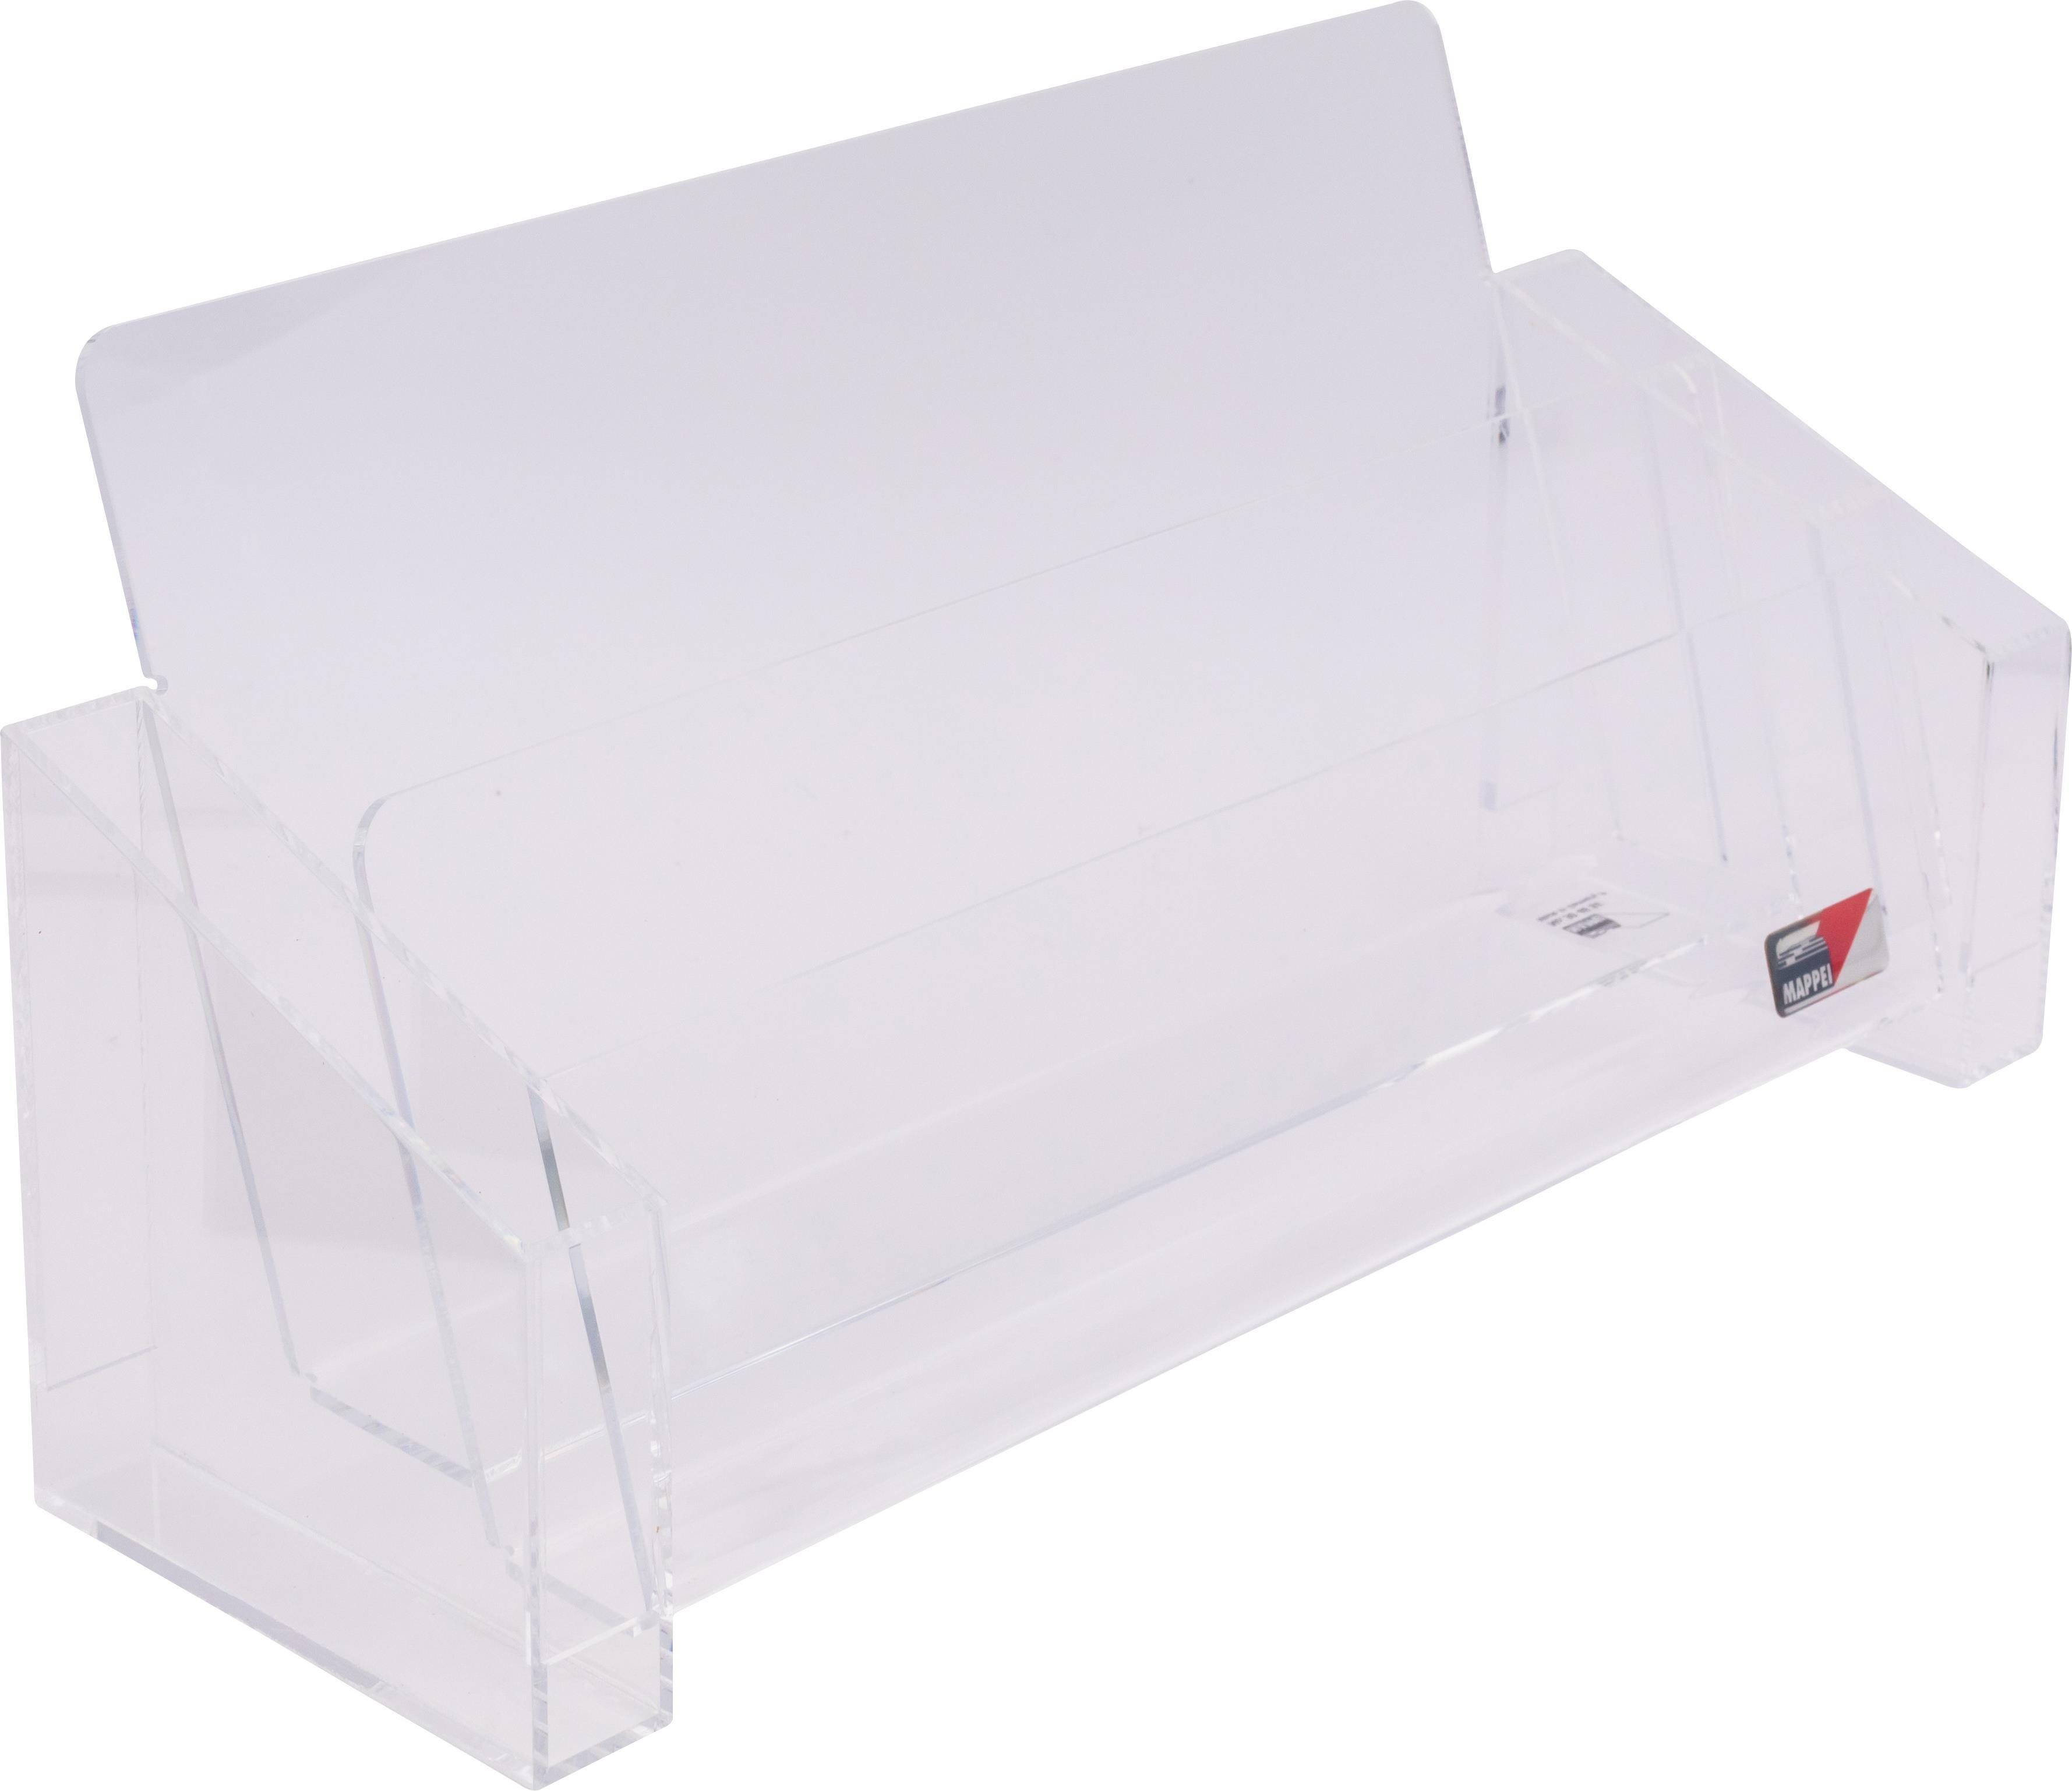 Organizer f. DIN A4, mit 2 Fächern u. Seitenfach, Acrylglas